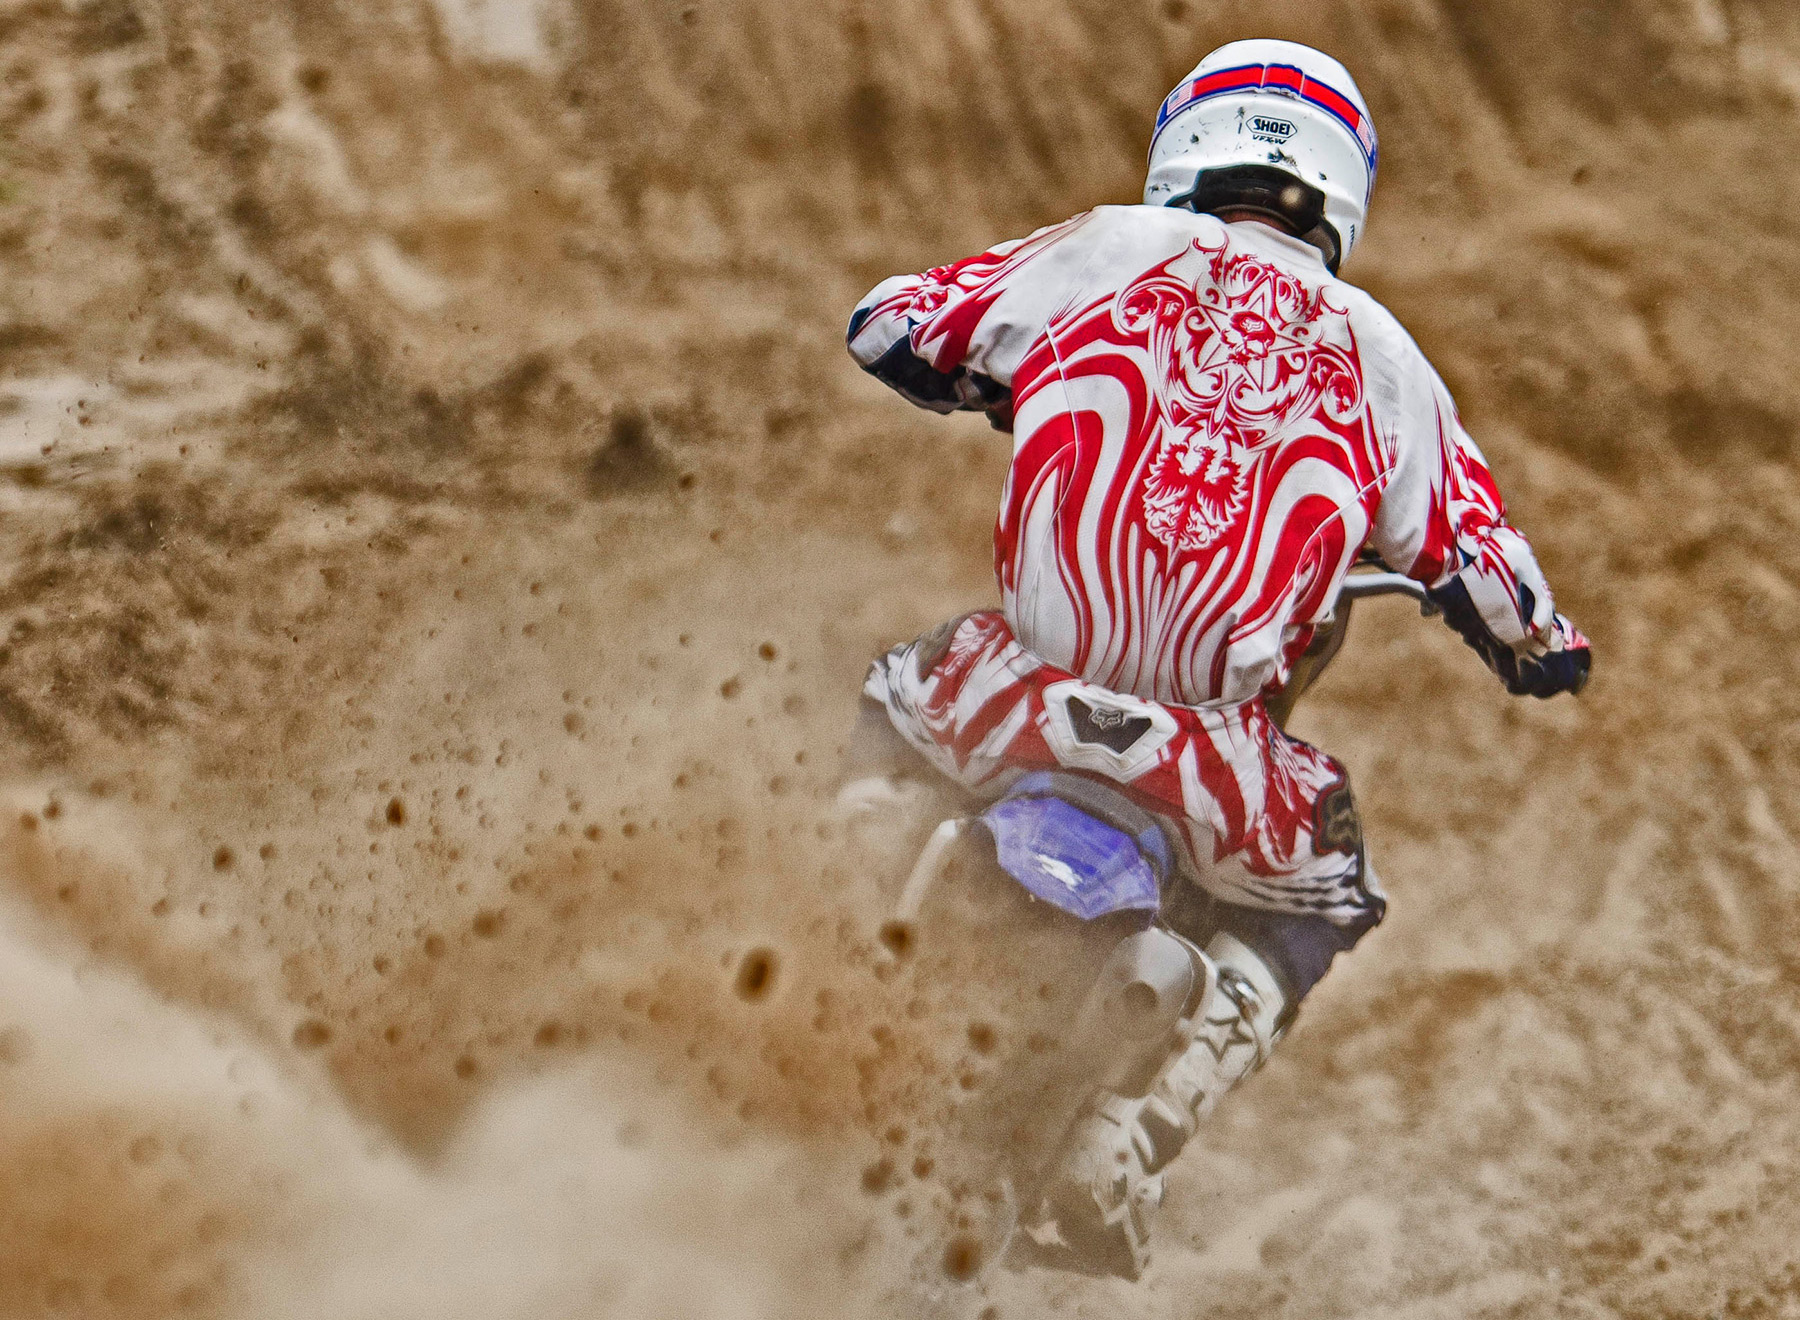 09.GinTonic-Motocross-Christoph-Gramann